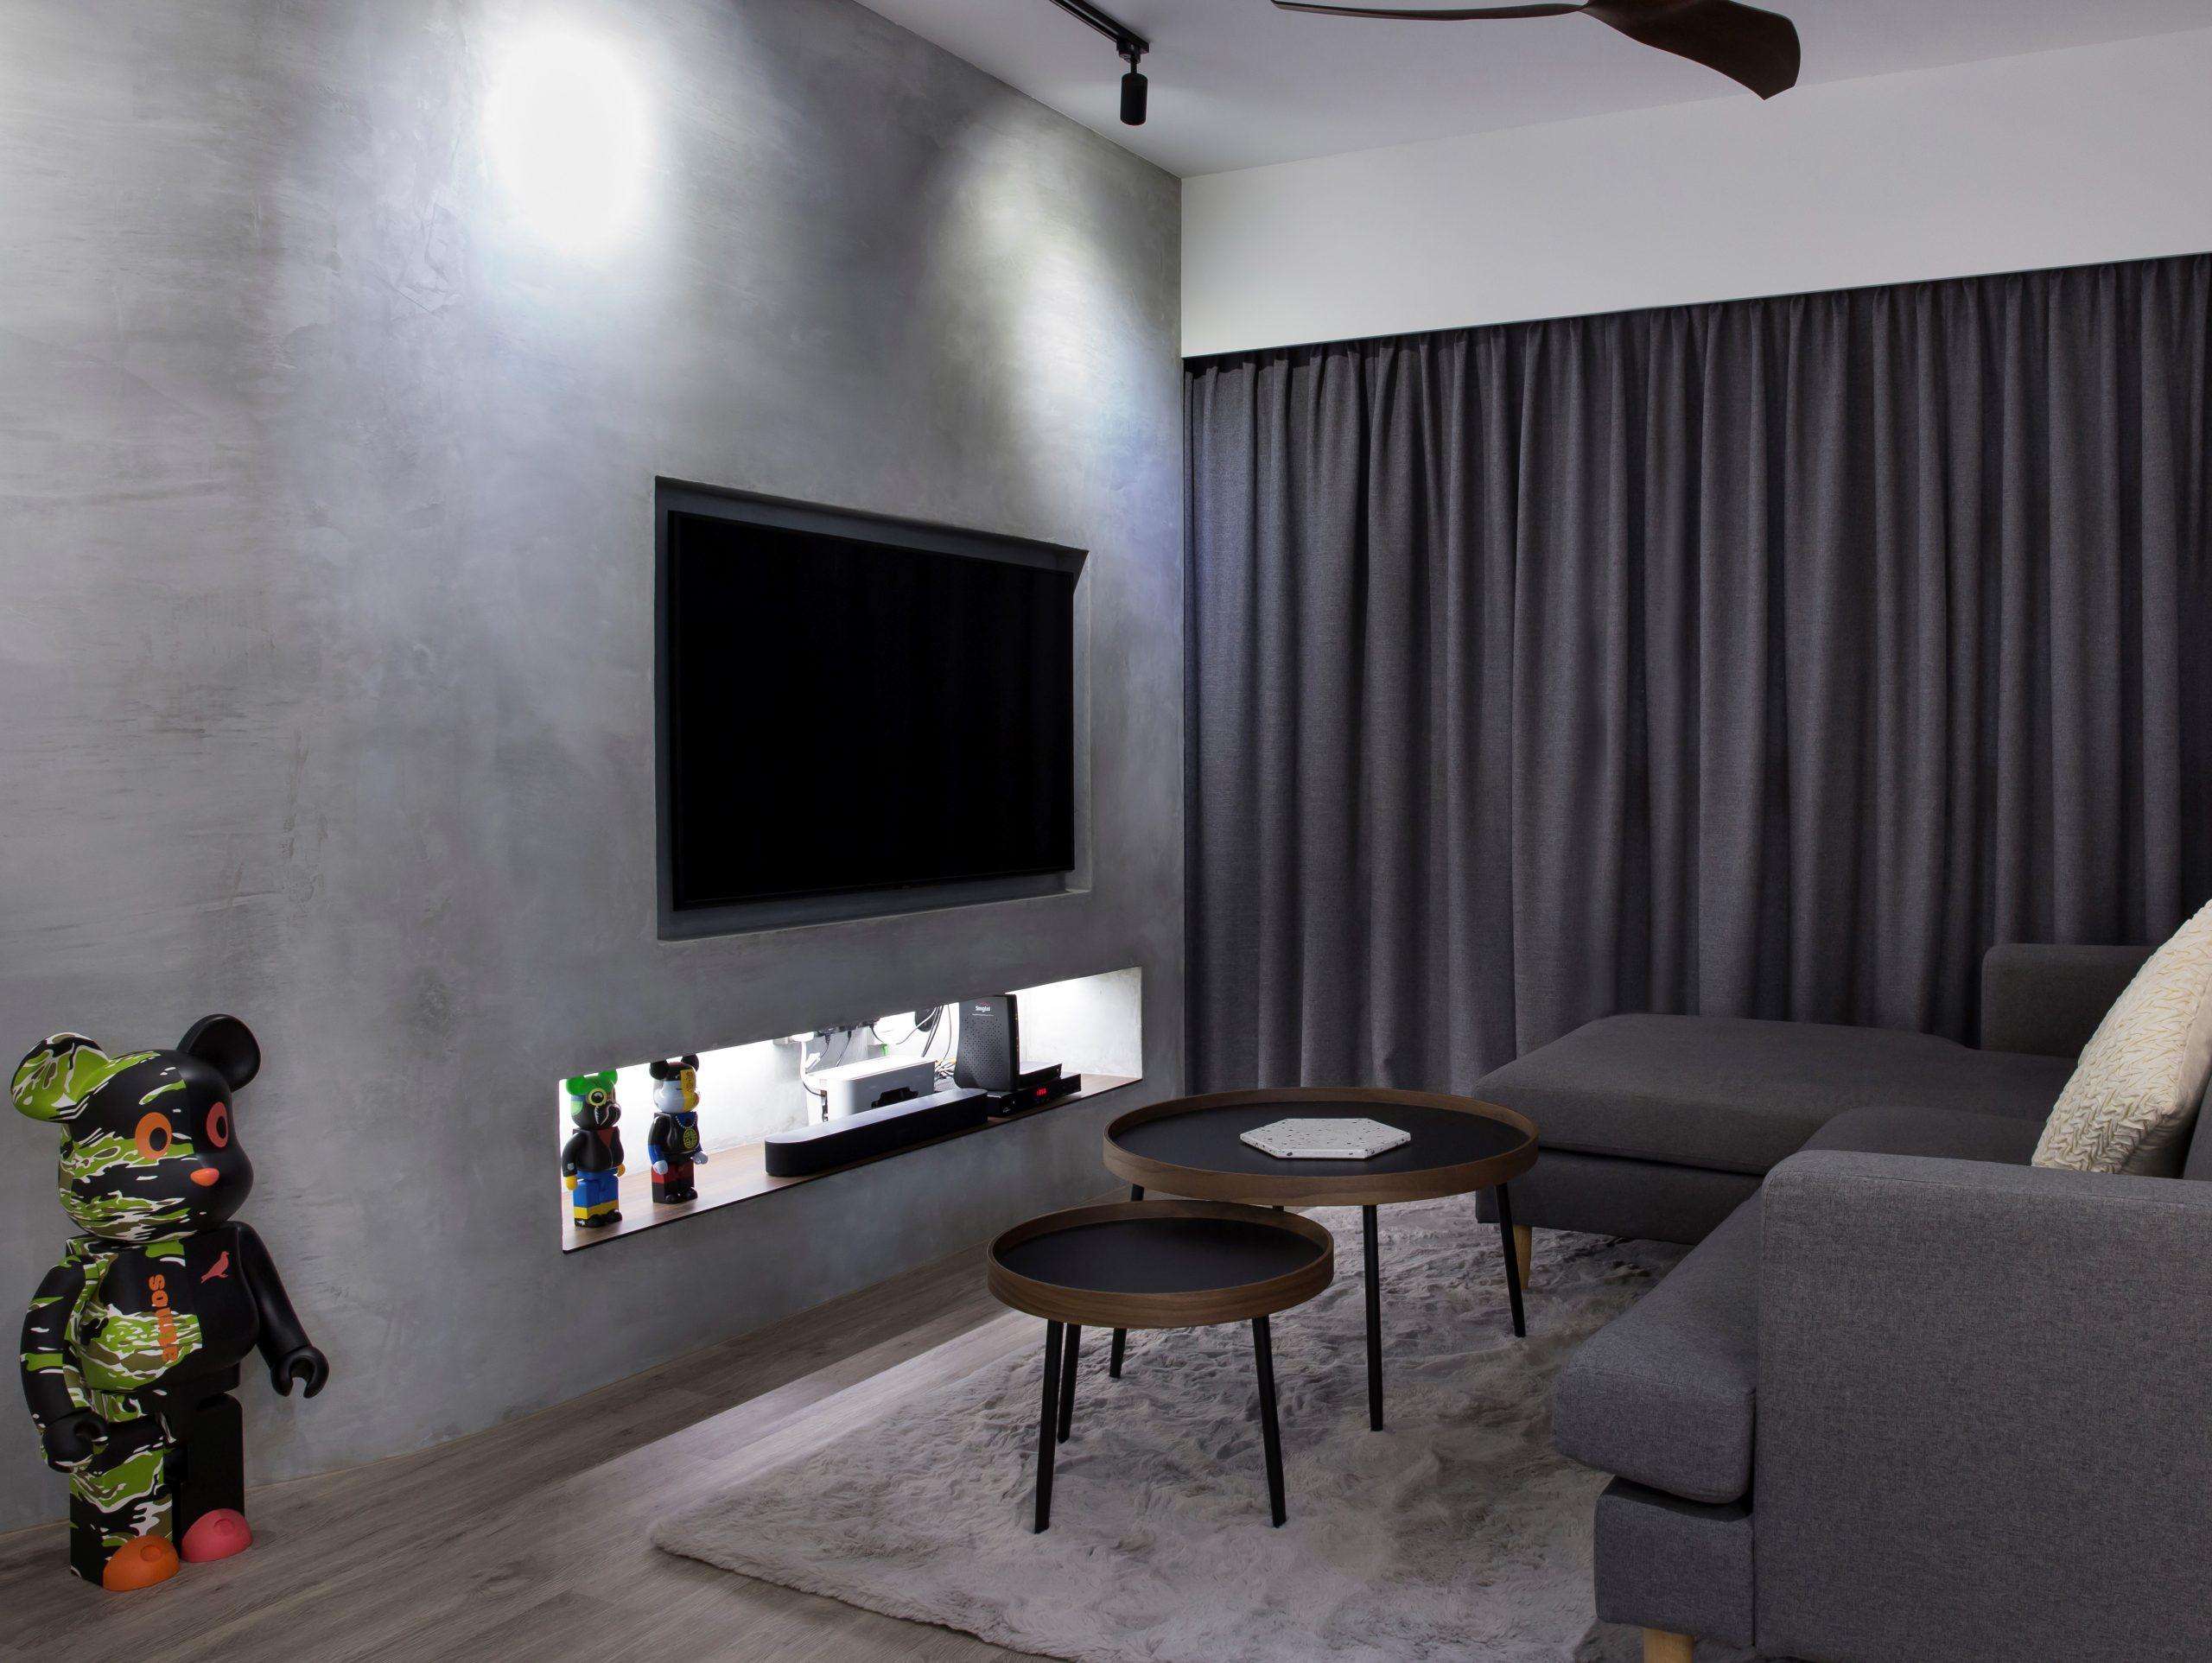 inizio_punggolroad_livingroom1585048475628